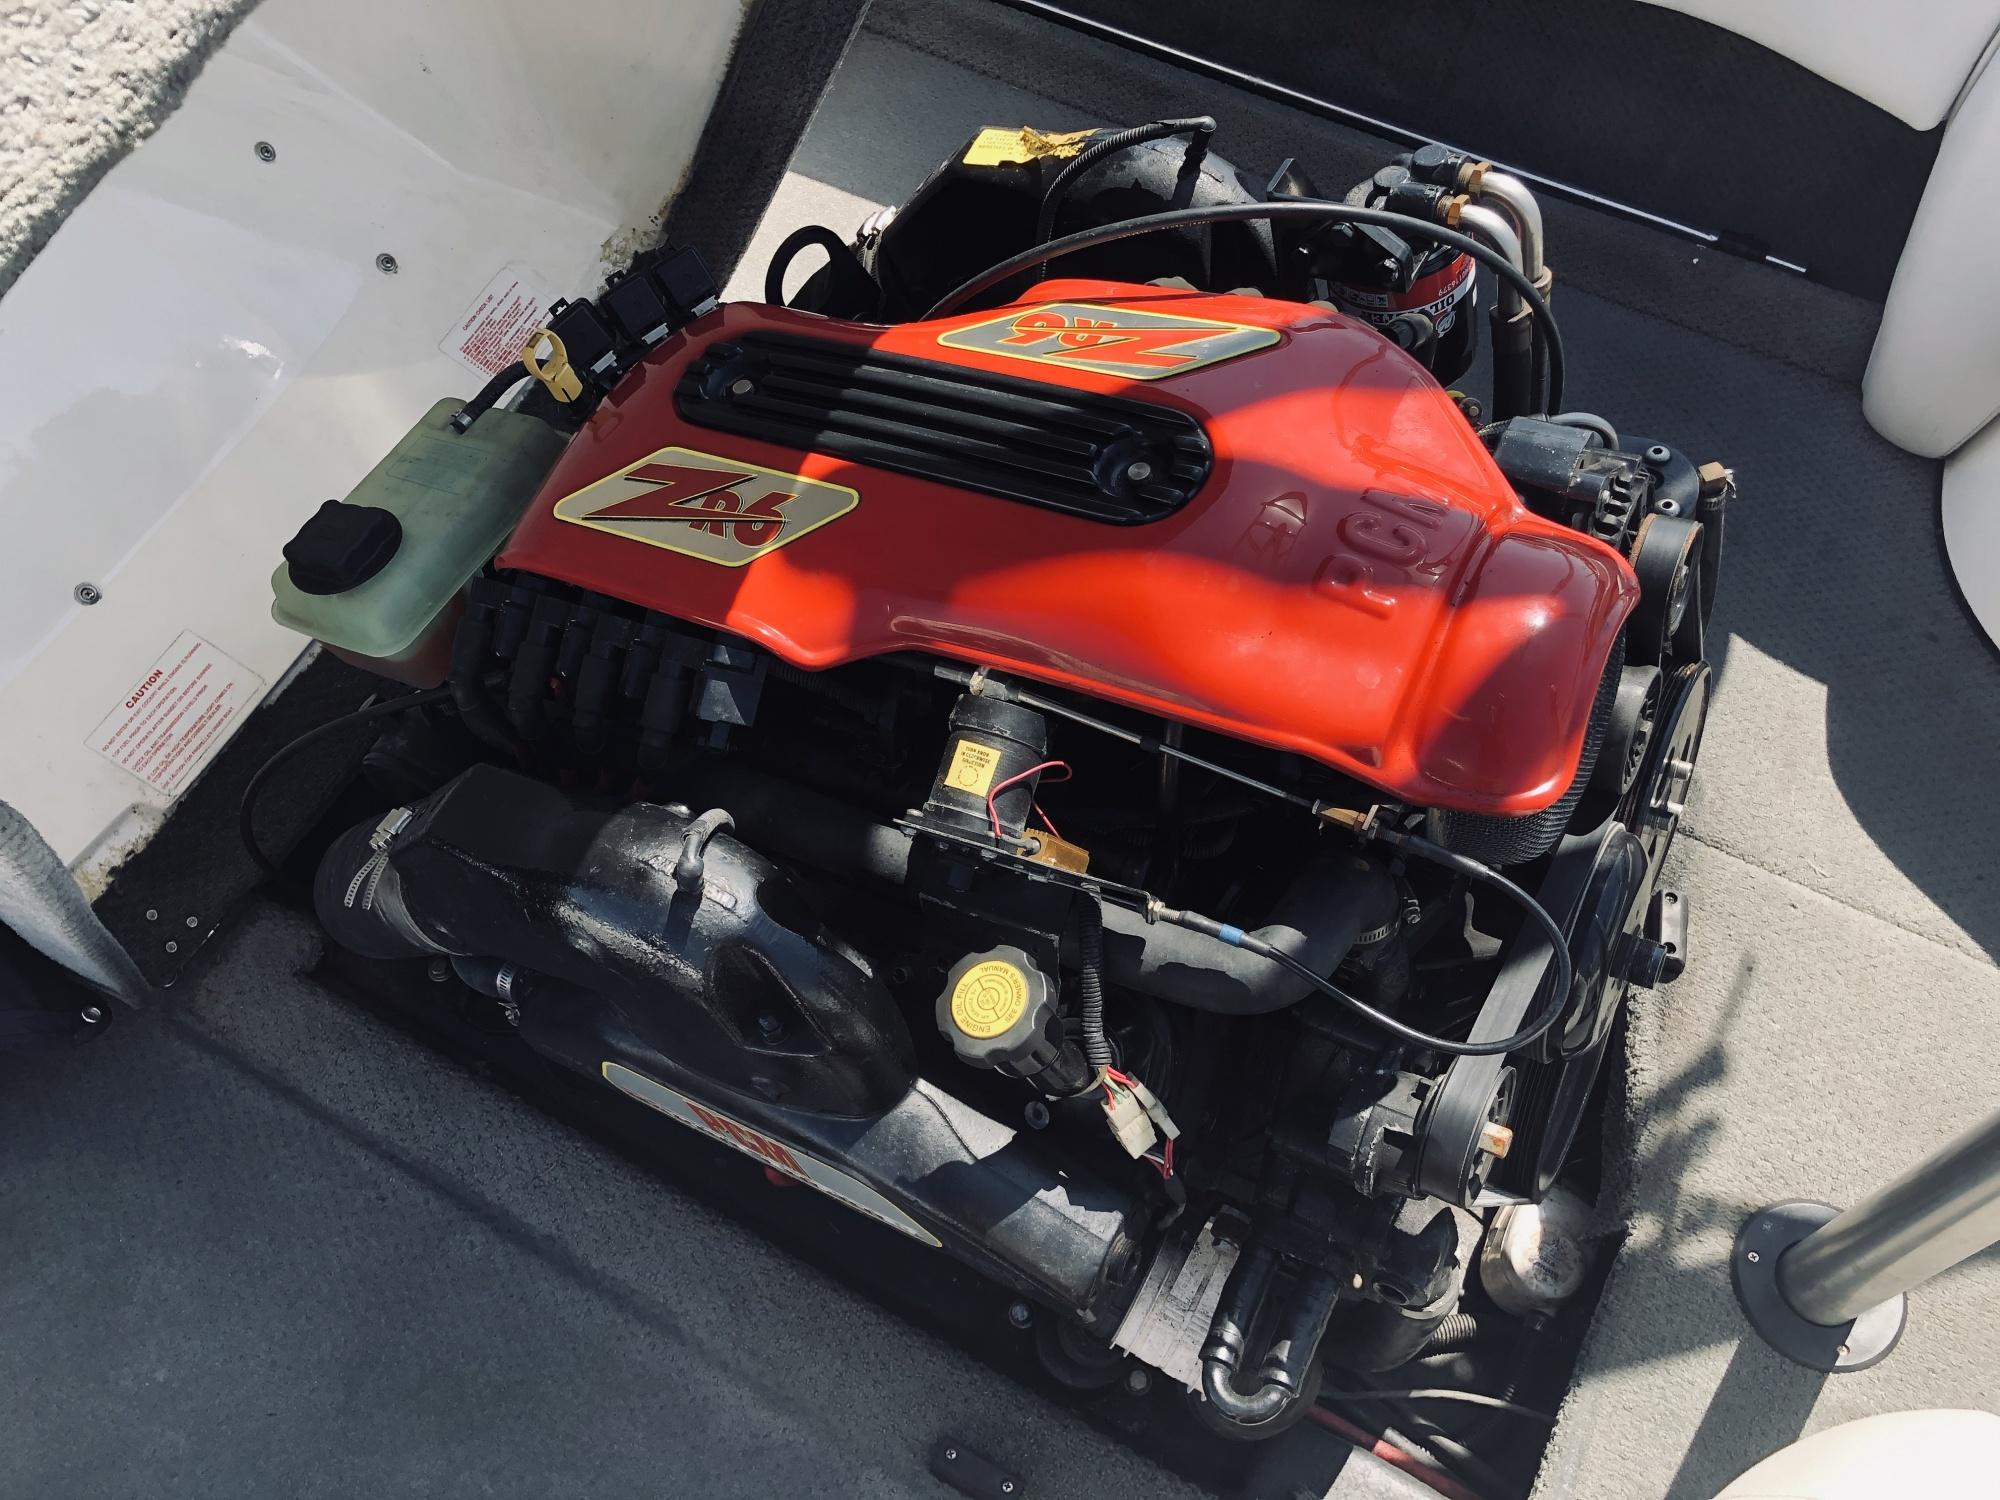 Gekko GTR 22 - ABACA5BA-D84B-4198-8513-E40801171C5B_1_201_a.jpeg